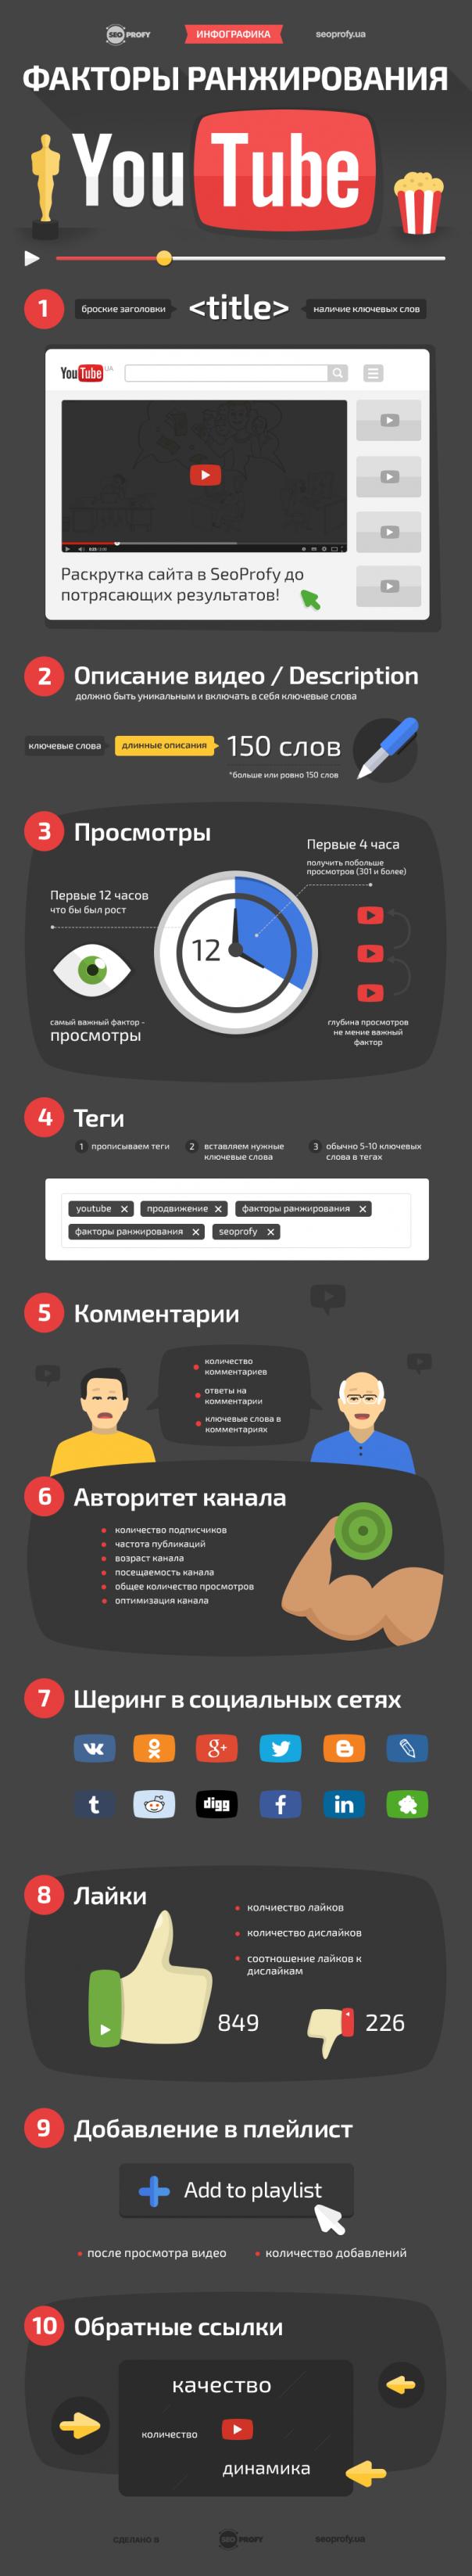 Факторы ранжирования в YouTube – Инфографика